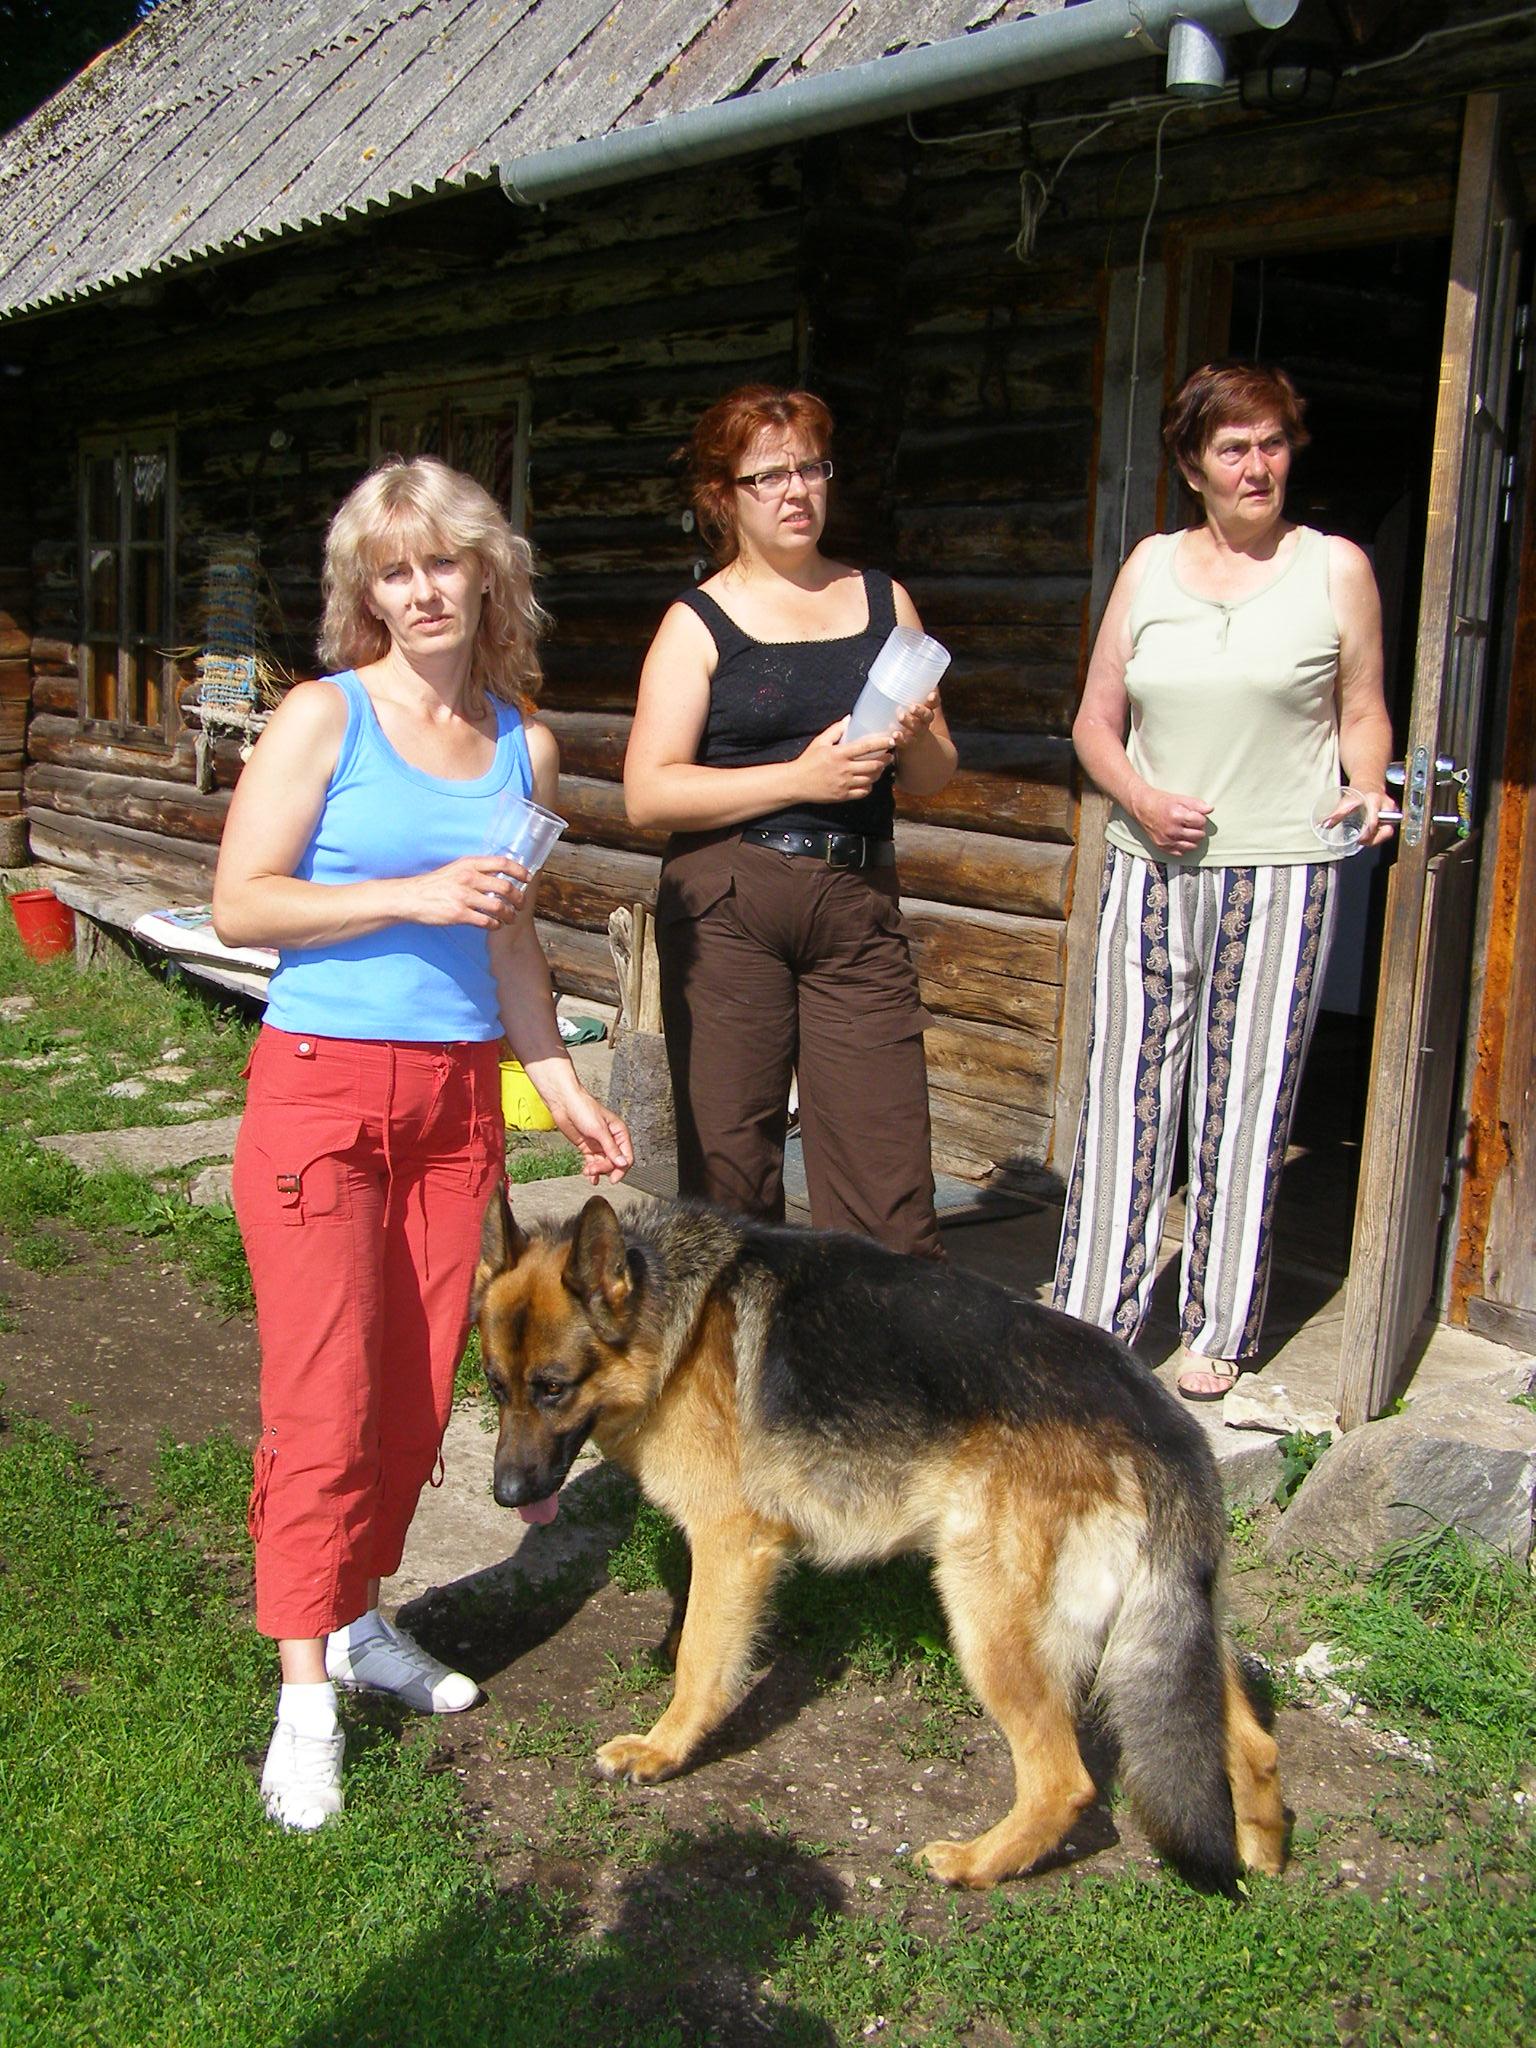 Hele_Päll,_Svetlana_Reinemts,_Lea_Põlluste_ja_Fabian.JPG